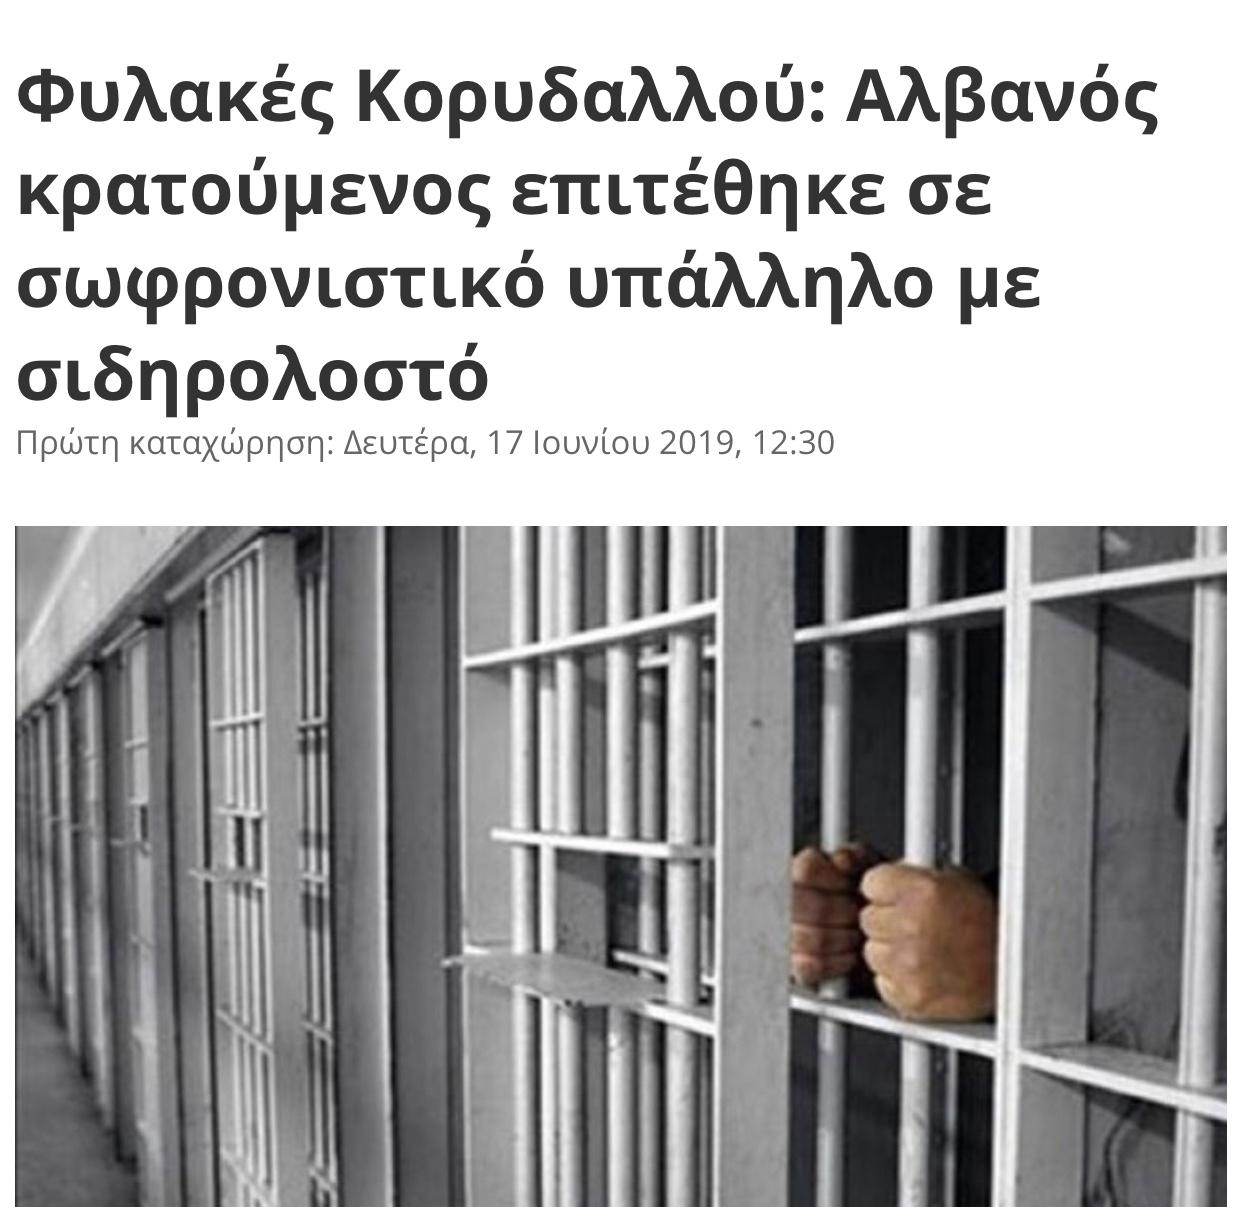 Τι θα συνέβαινε εάν στην Αλβανία κρατούμενος επιτίθετο με σιδηρολοστό σε σωφρονιστικό υπάλληλο;